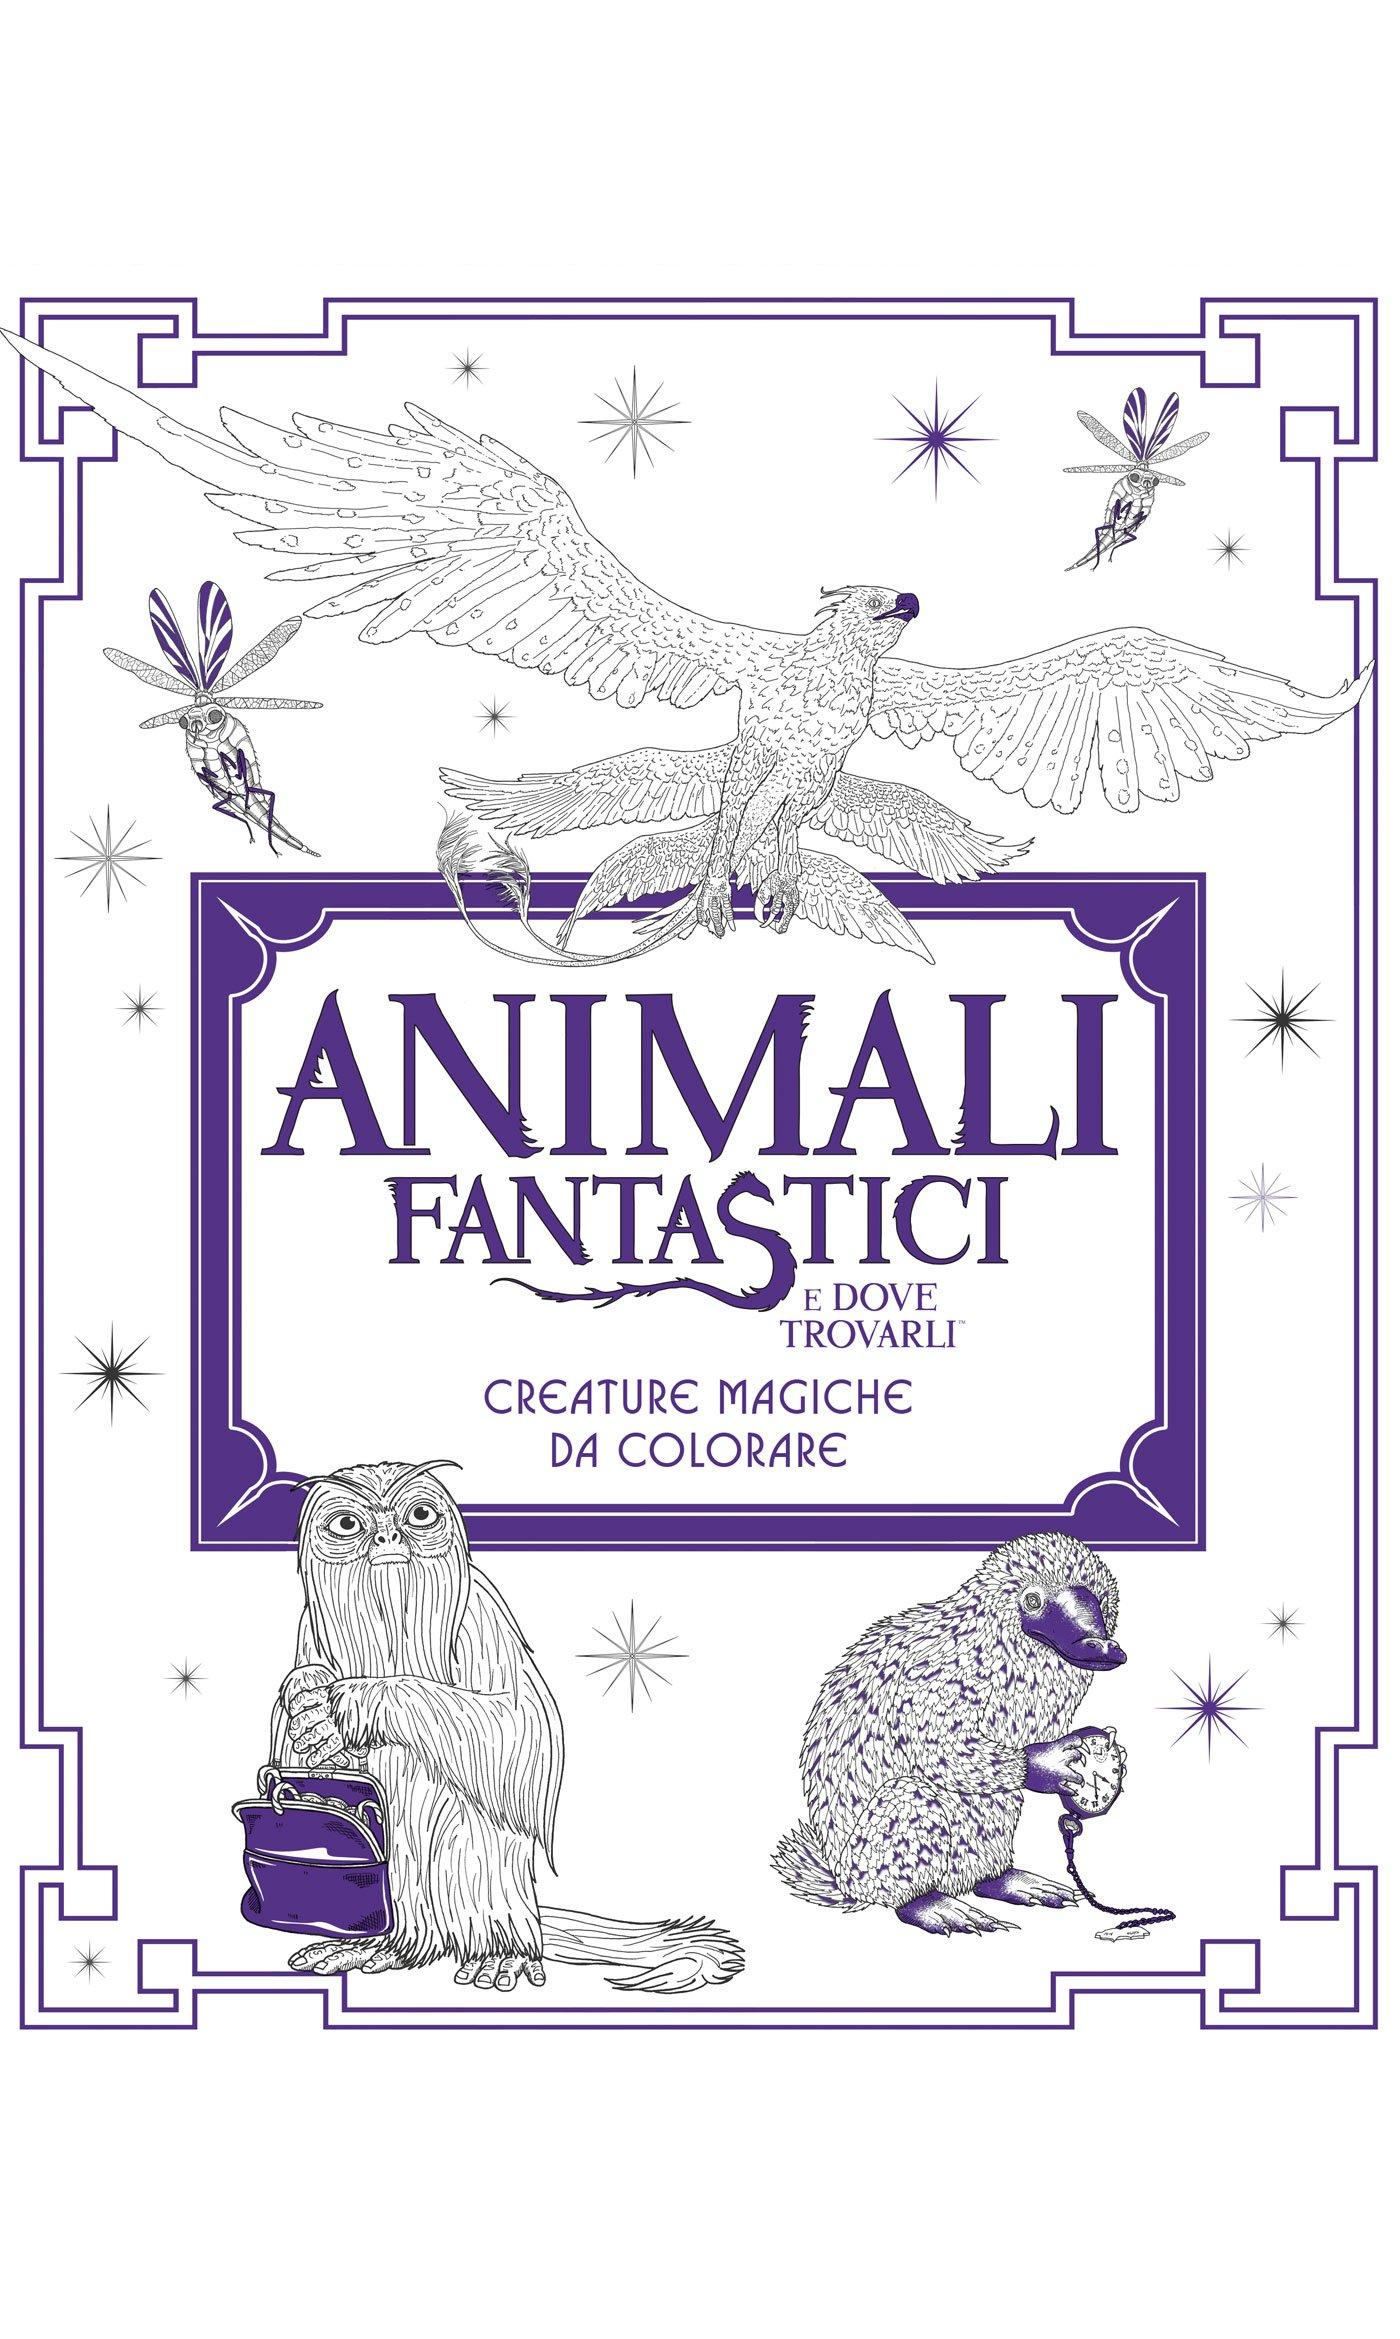 Animali Fantastici E Dove Trovarli Creature Magiche Da Colorare